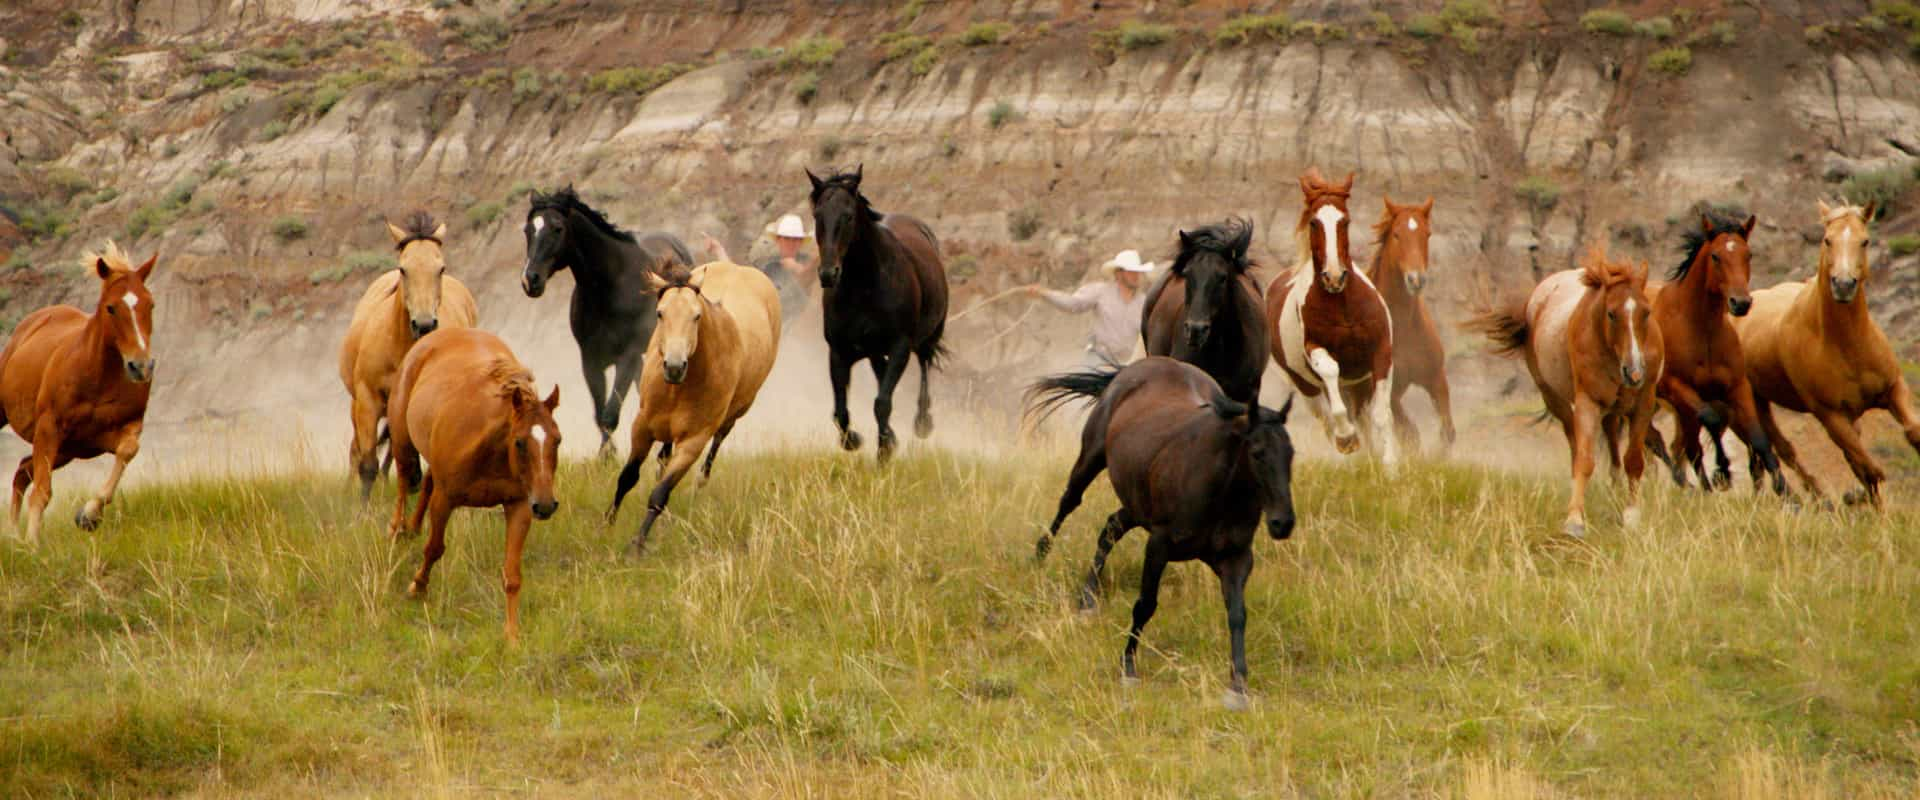 Wild horses in Alberta